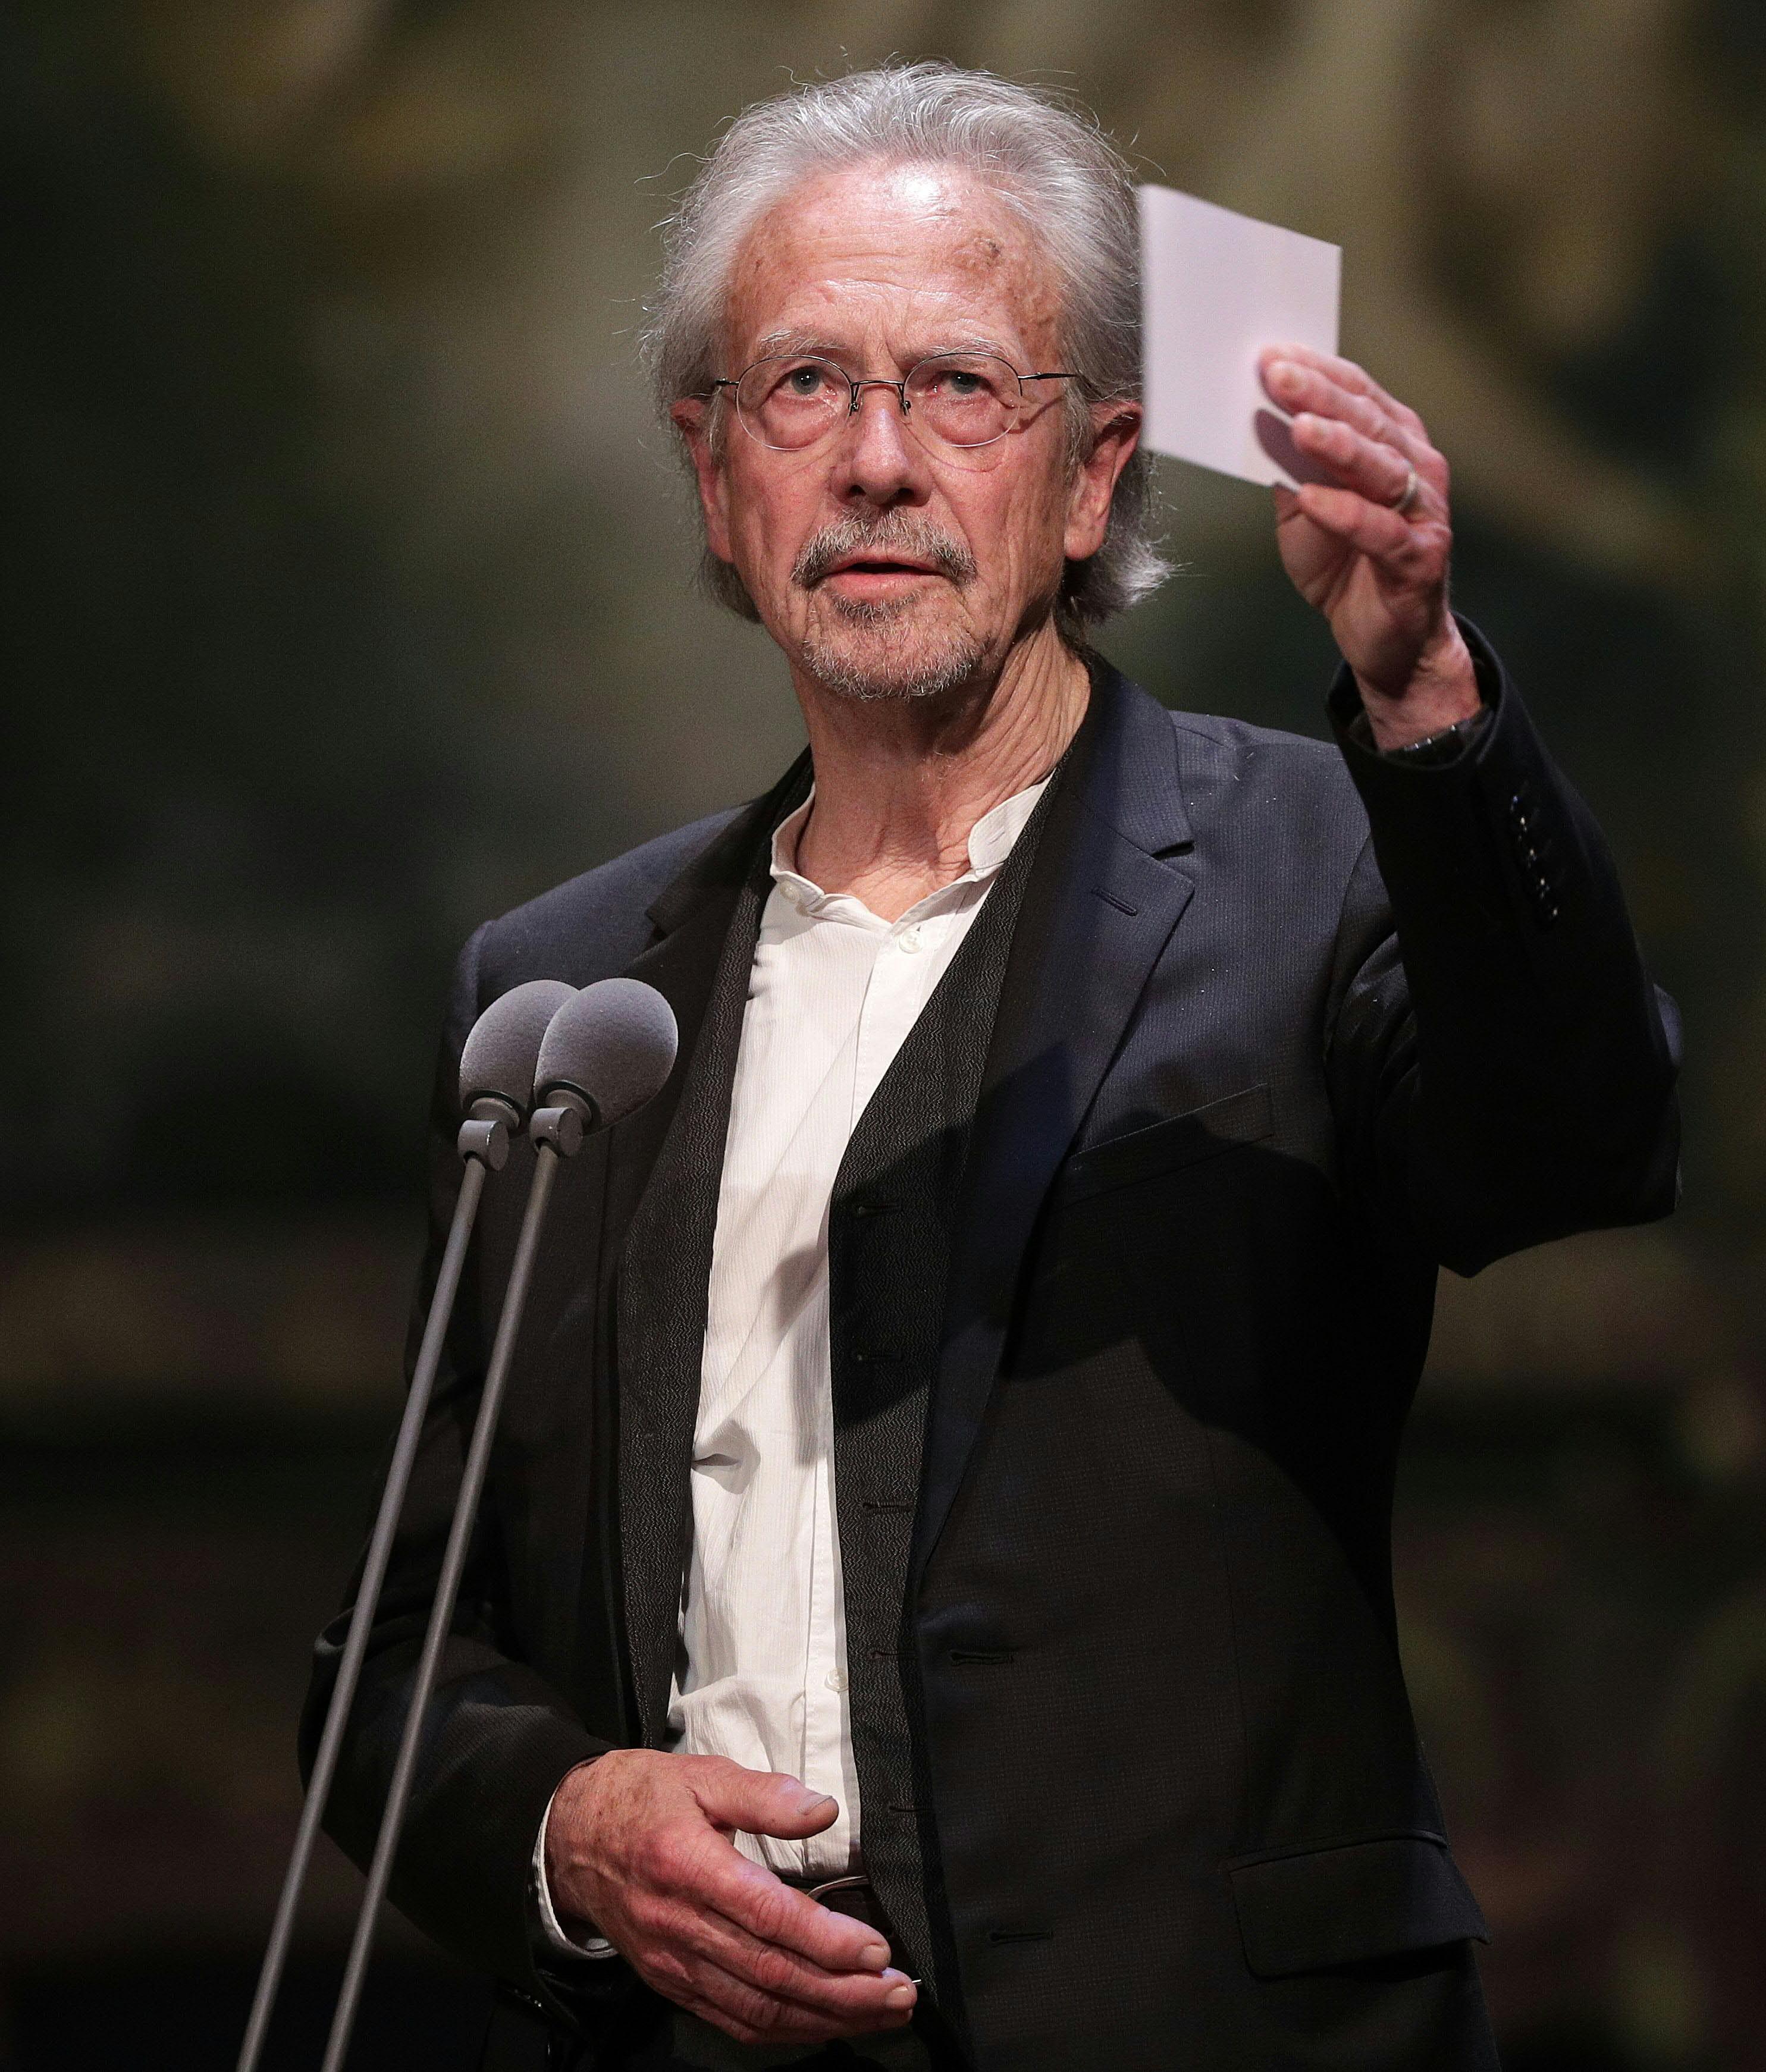 Academia Sueca defende escolha de  Peter Handke no Nobel de Literatura de 2019 - Notícias - Plantão Diário